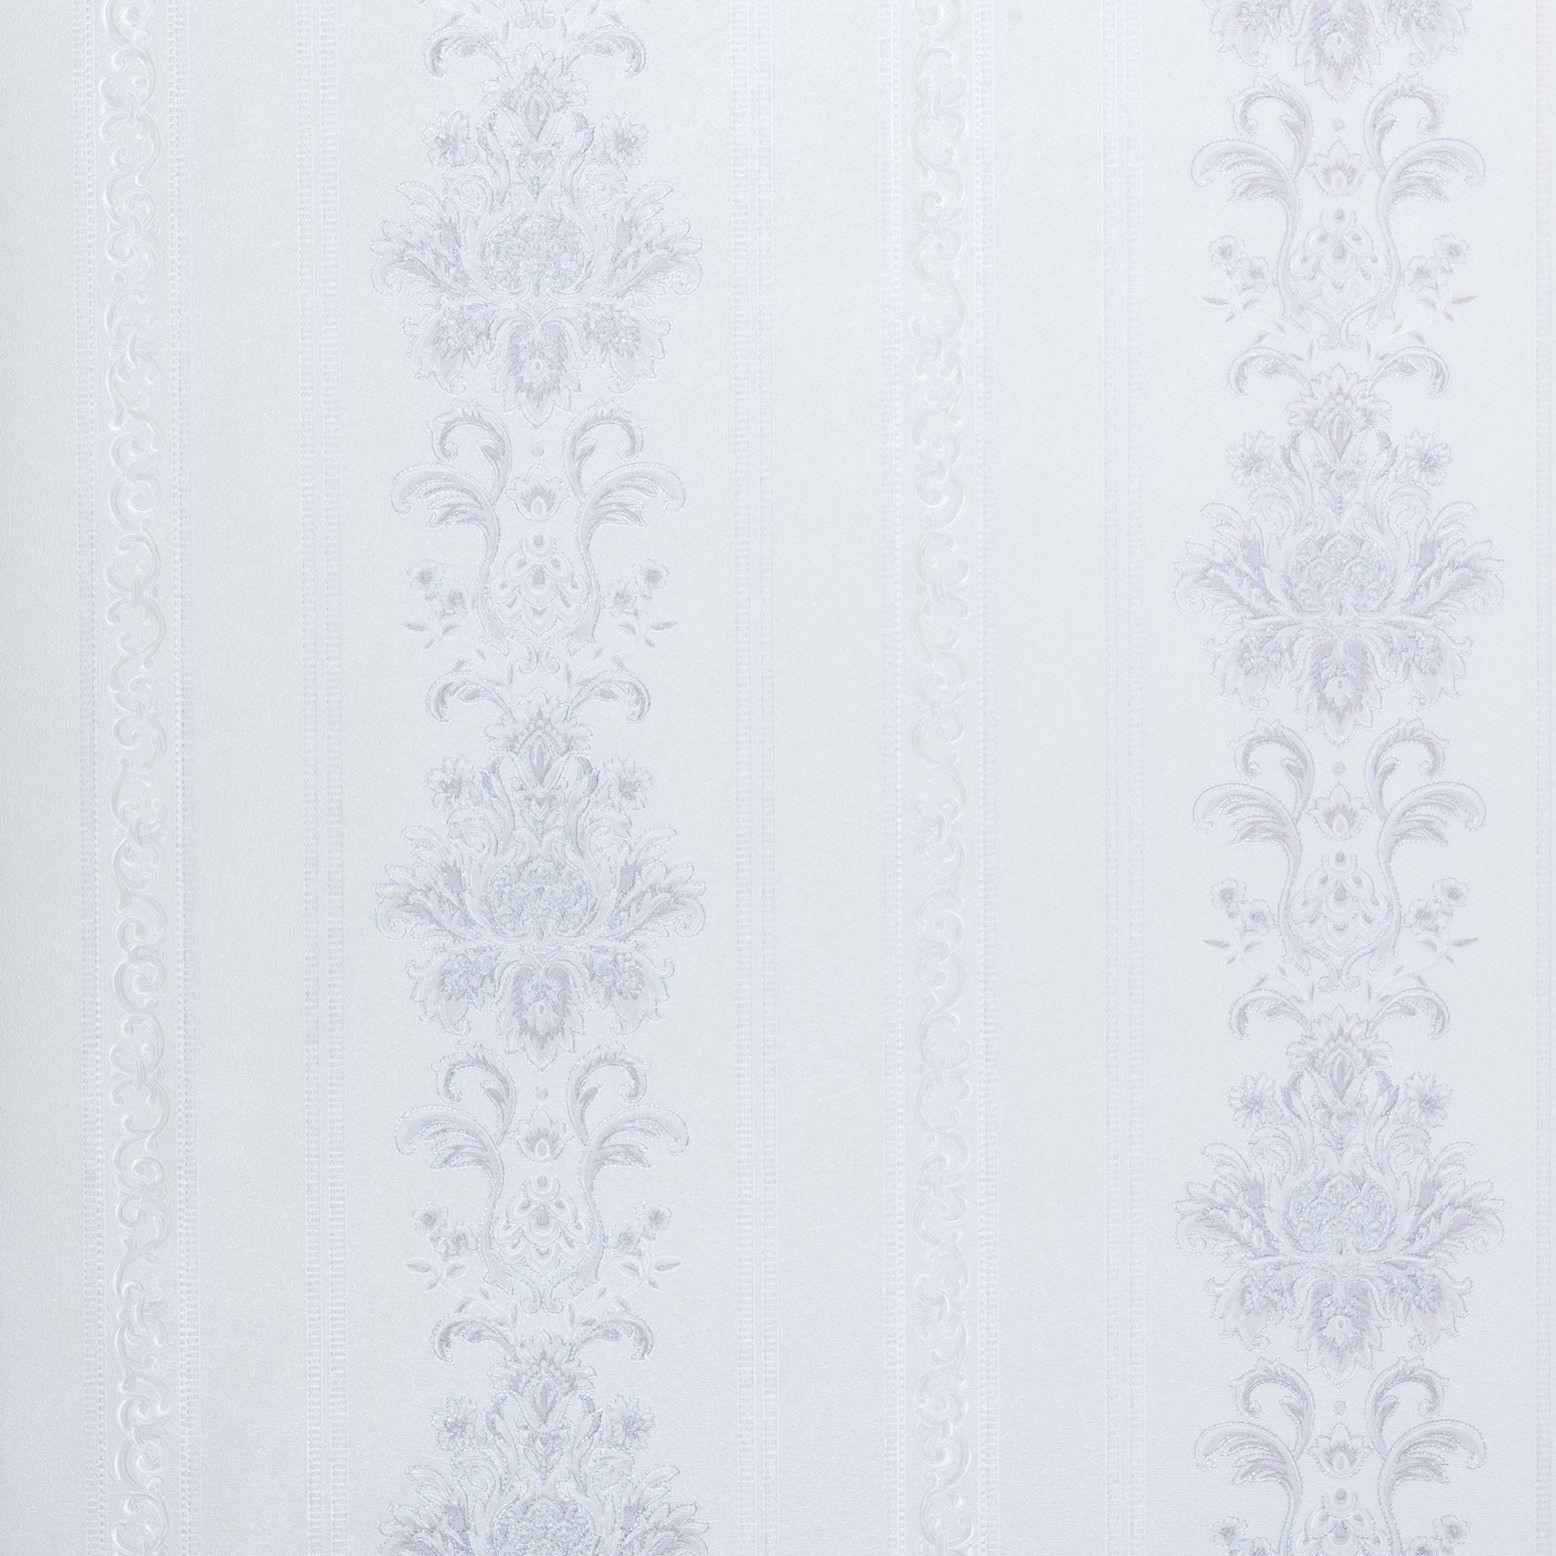 Papel de Parede Paris Decor Vinílico Coleção Colmar Listras Adamascado Off White, Cinza